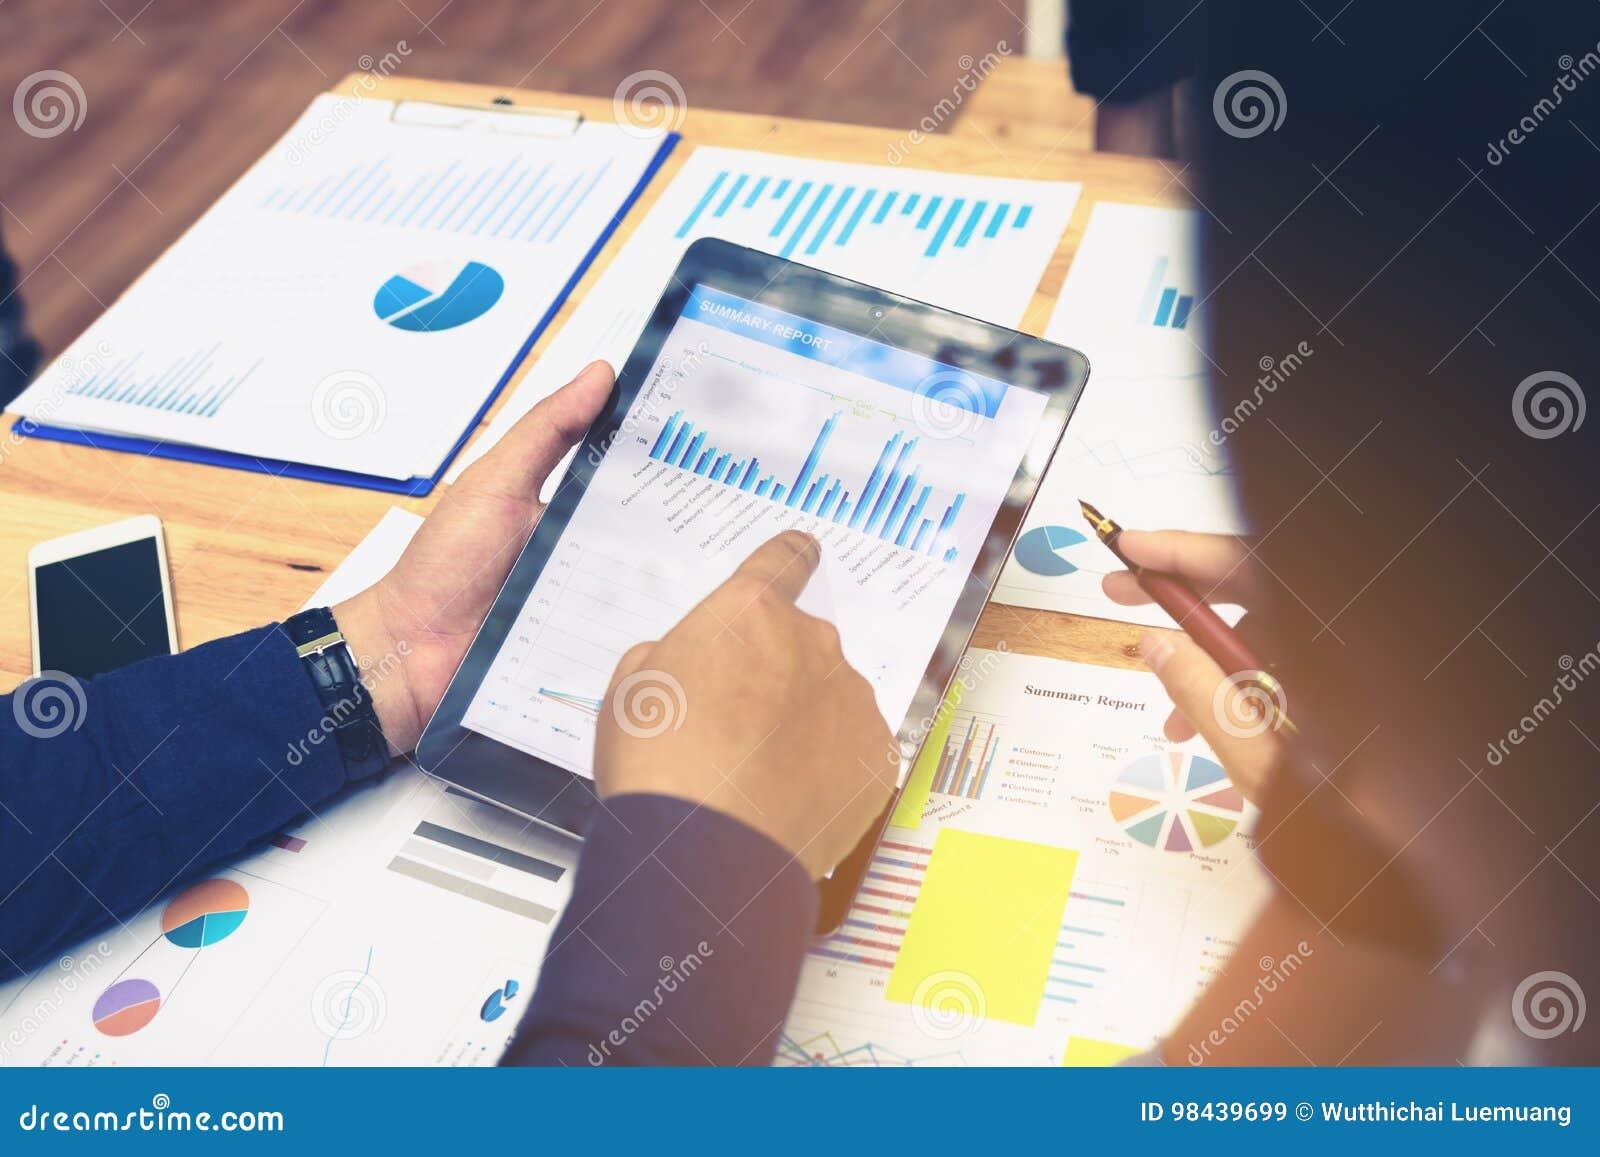 Bedrijfsmensen die aan het tabletscherm richten aan het kijken grafiekensamenvattingen